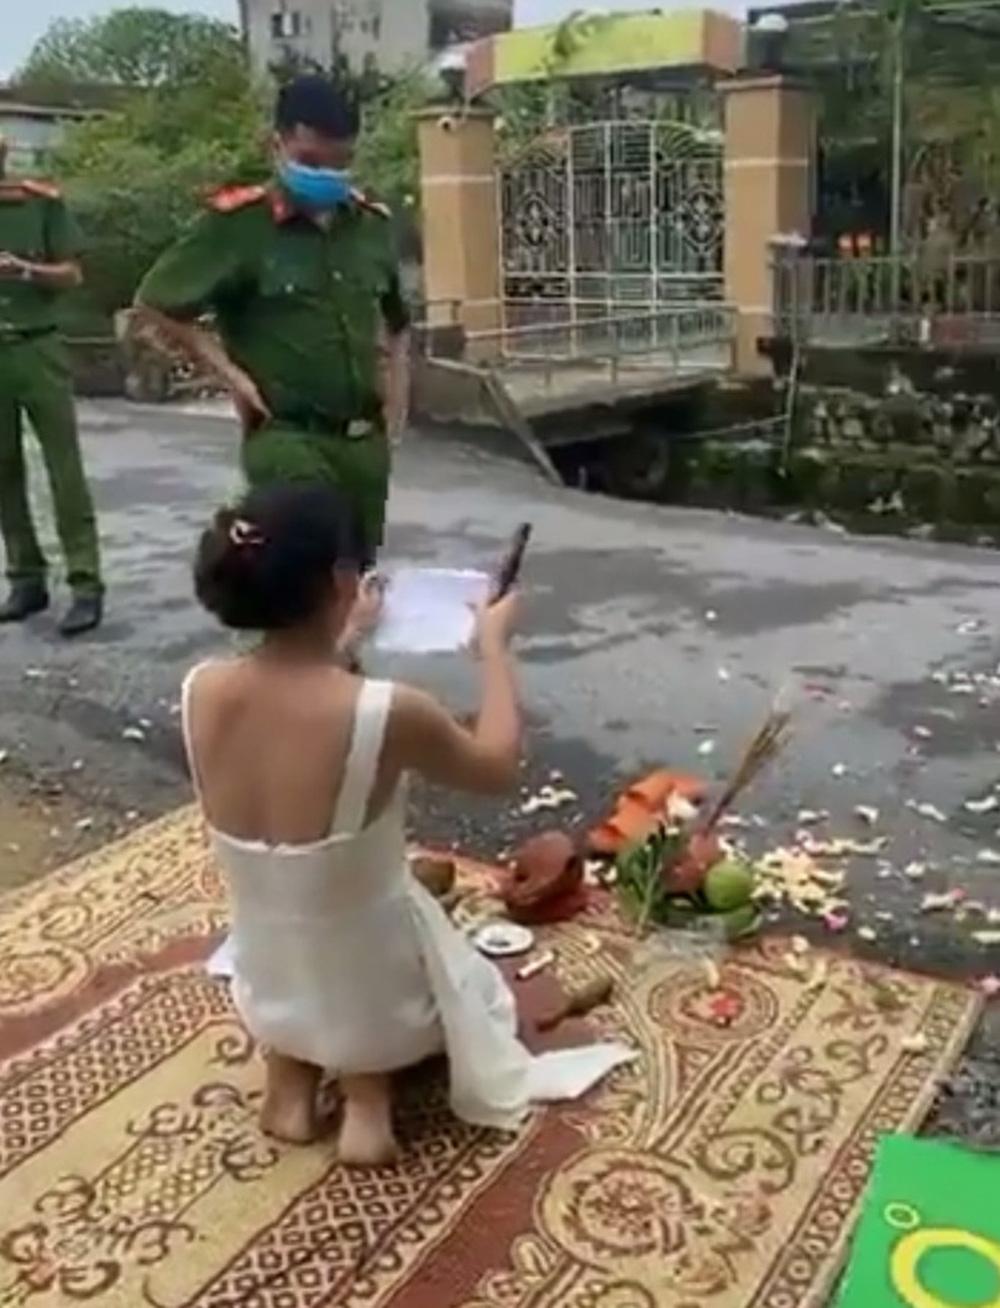 Người phụ nữ tới trước nhà 'con nợ' thắp hương cúng bái khiến công an phải can thiệp 1